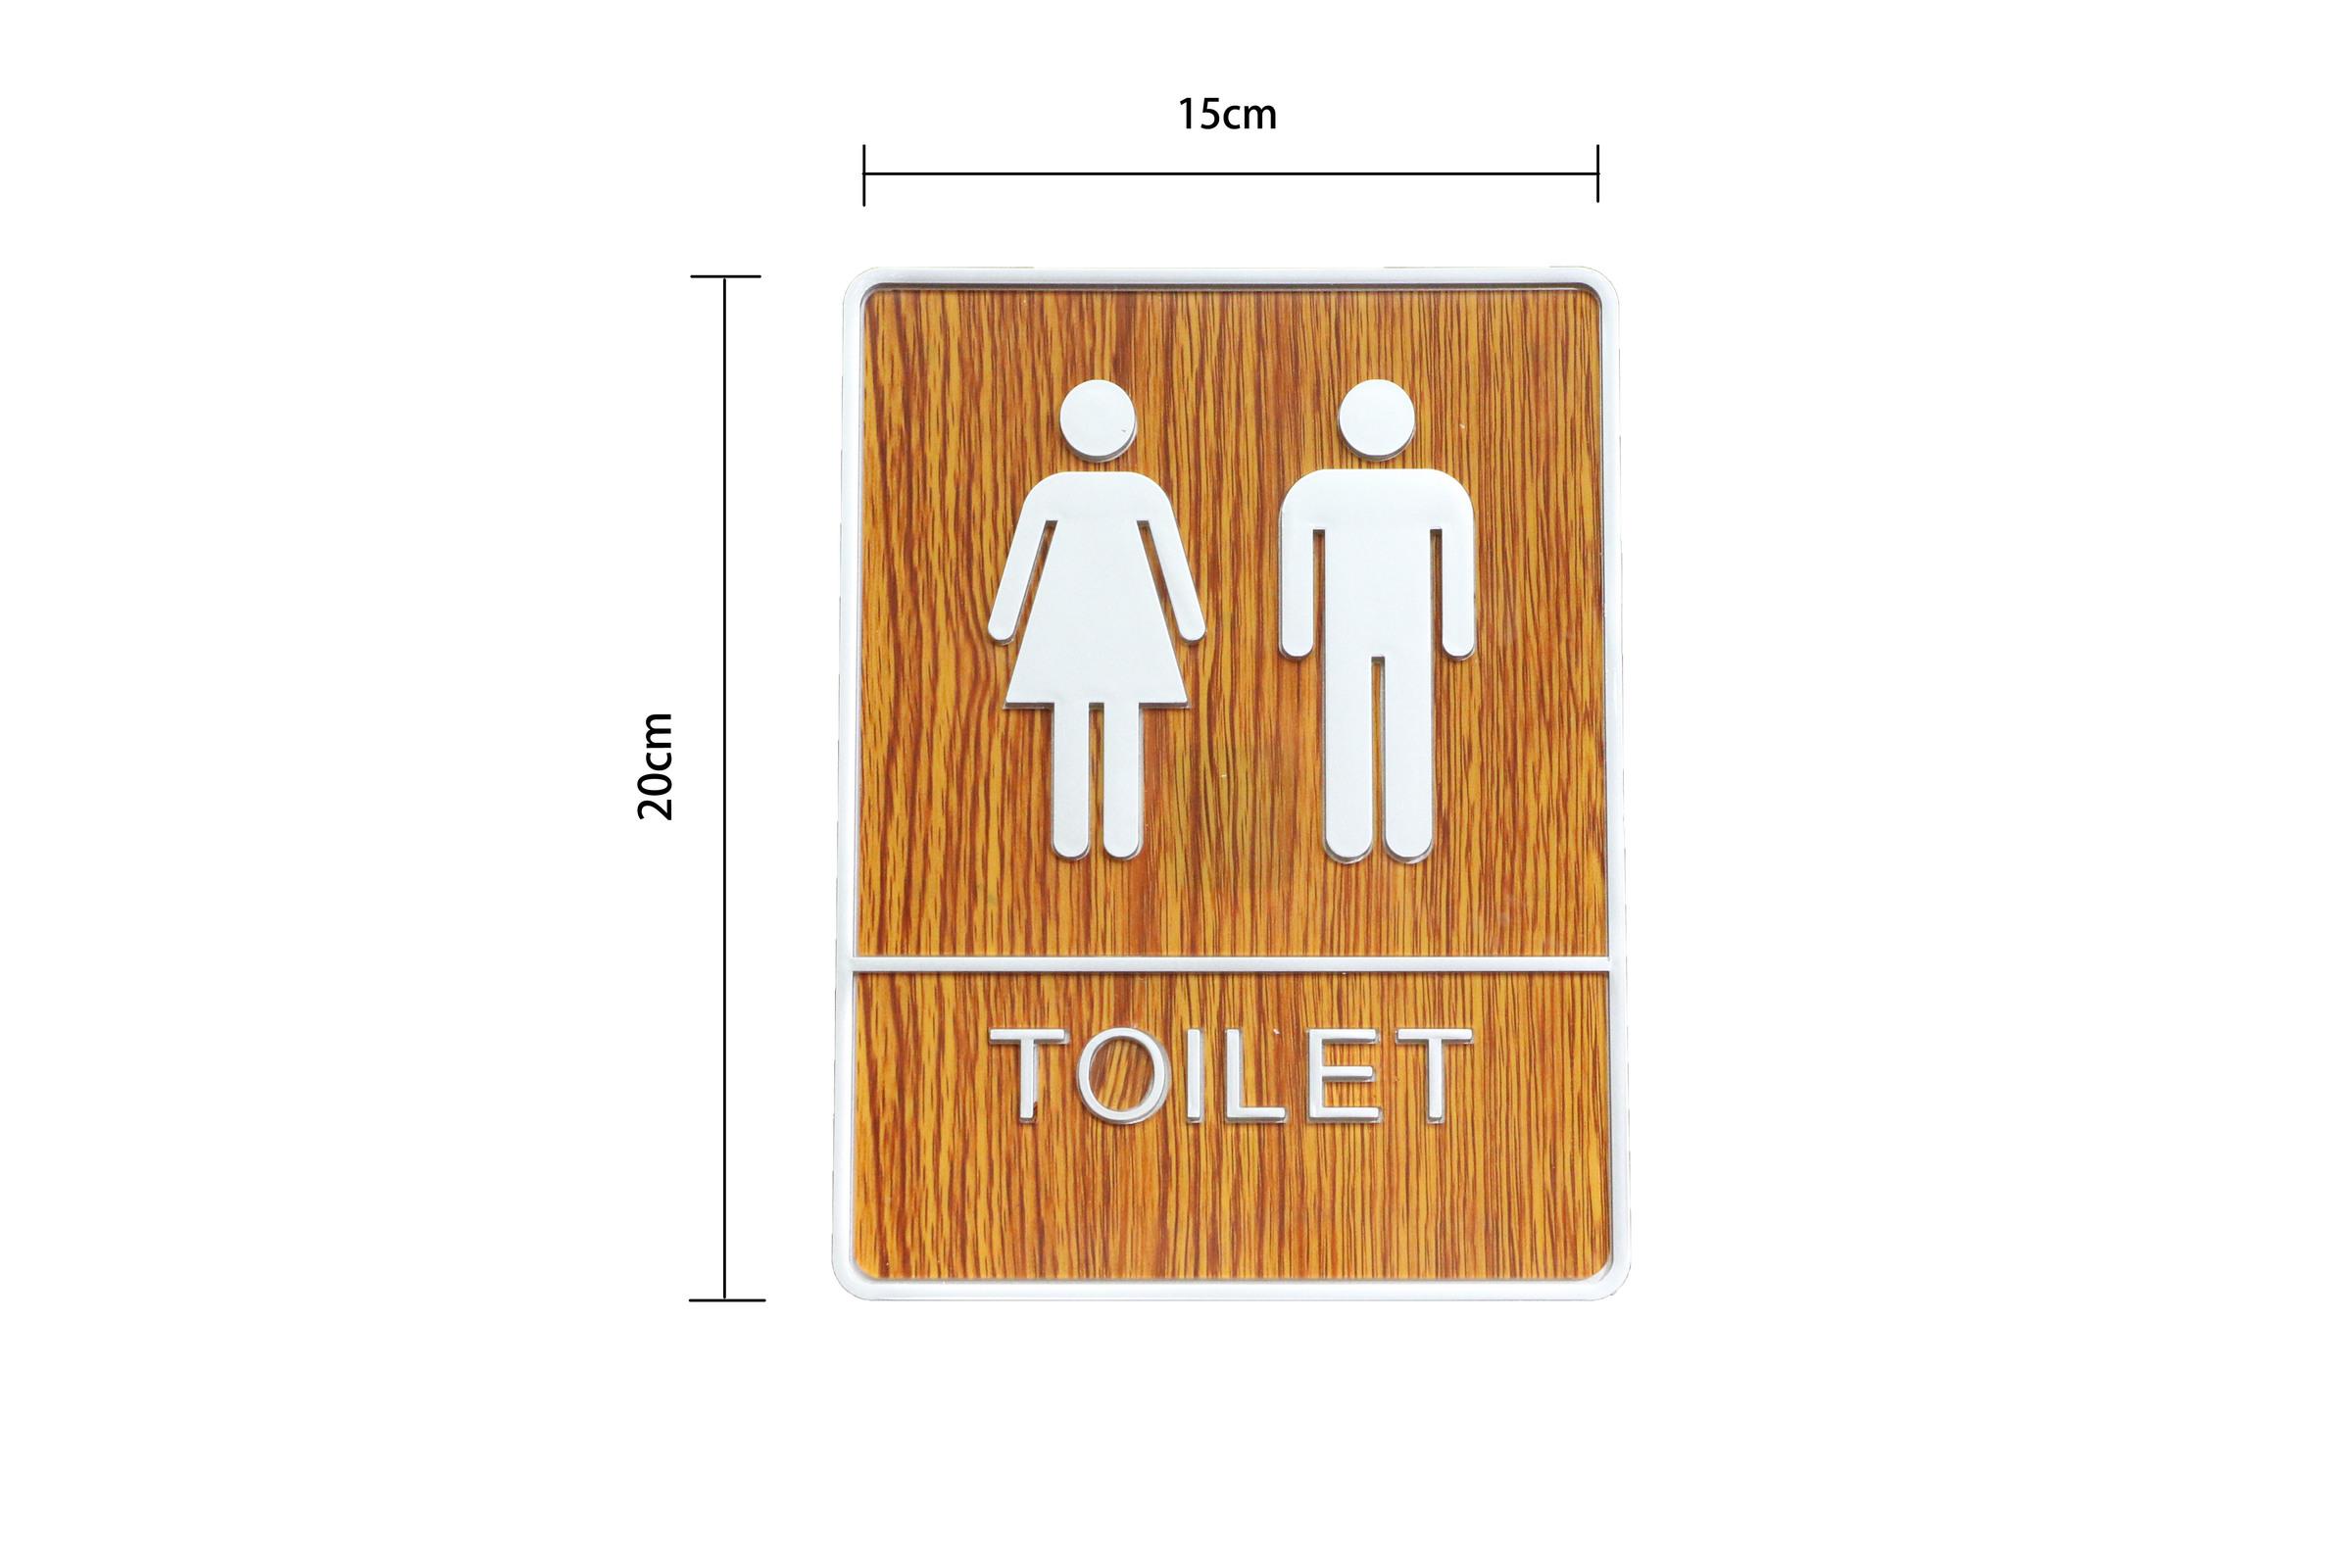 廁所標示牌-大.jpg